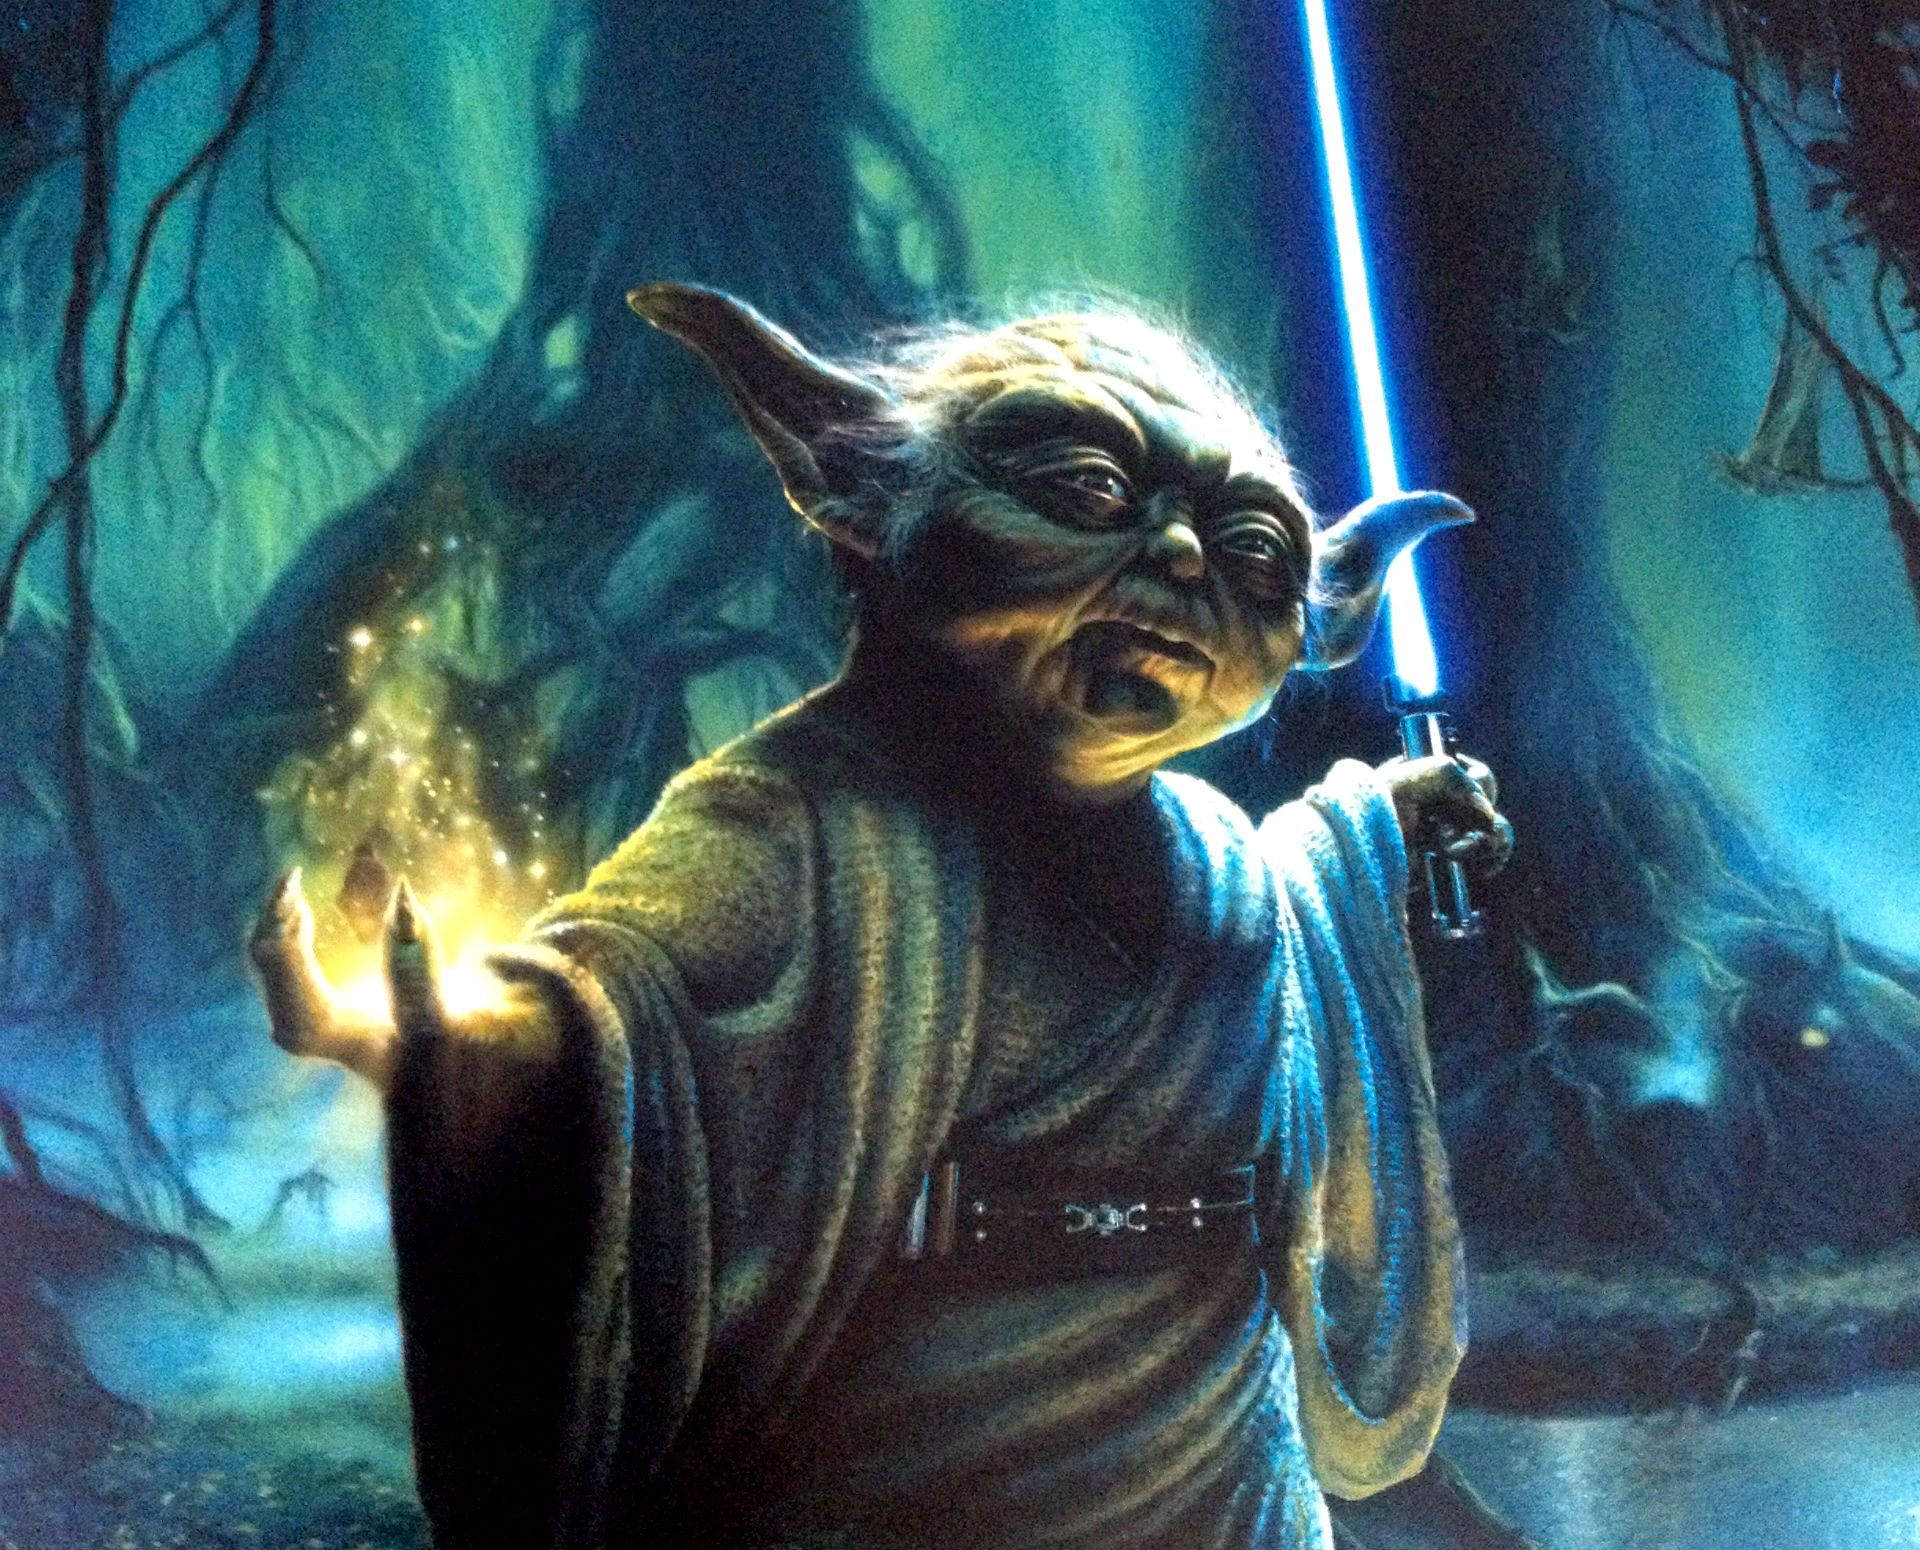 Star Wars The Clone Wars Film Star Wars Attack Clones Sci-fi